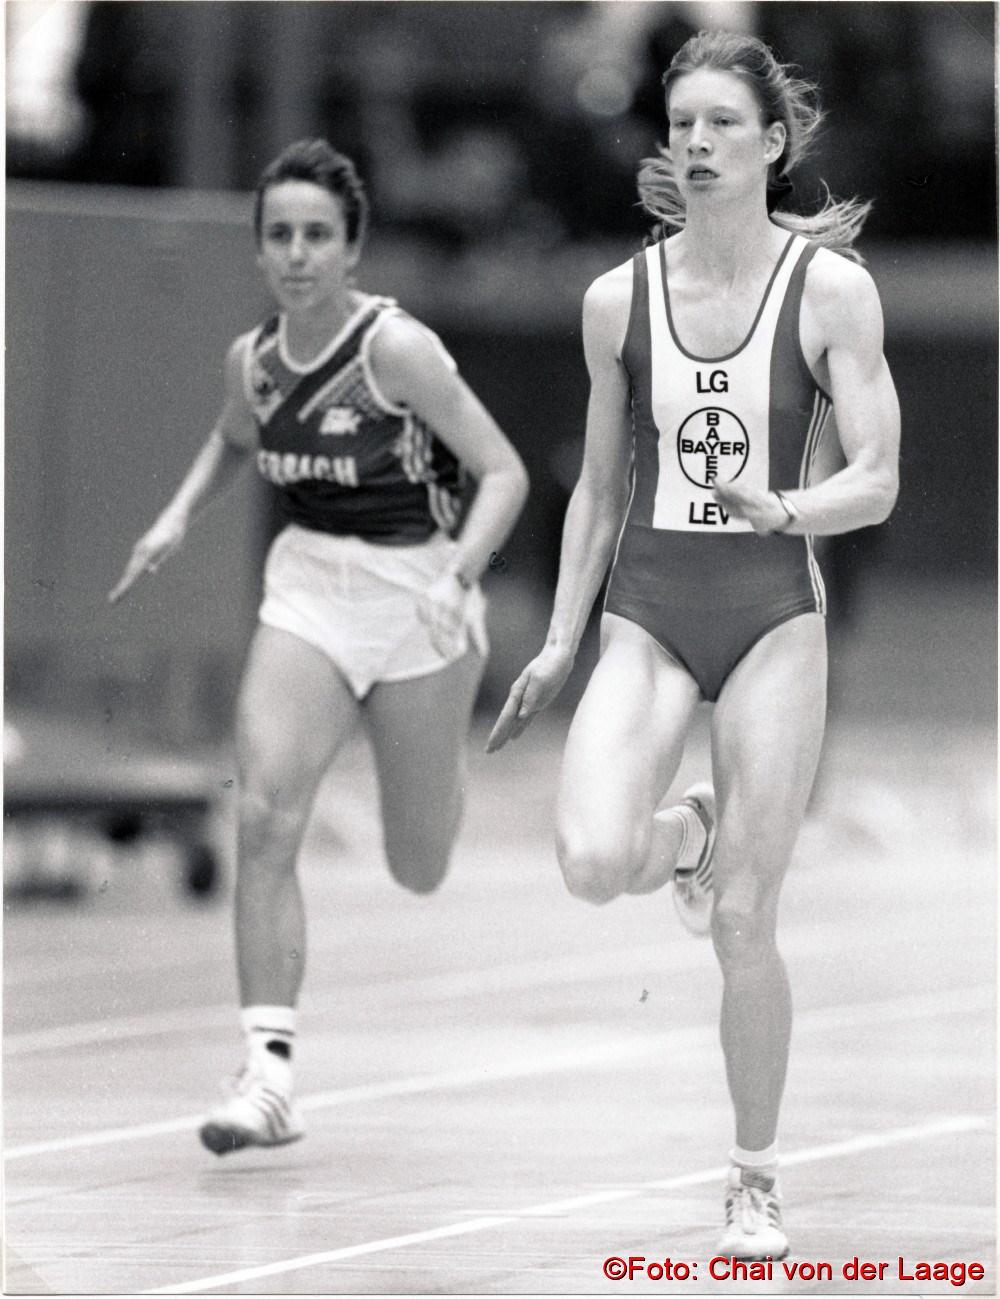 1992 Sandra Abel im Zwischenlauf bei den Deutschen Jugend-Hallenmeisterschaften in Hanau. Sie wurde Zweite hinter der späteren Meisterin Silke Lichtenhagen